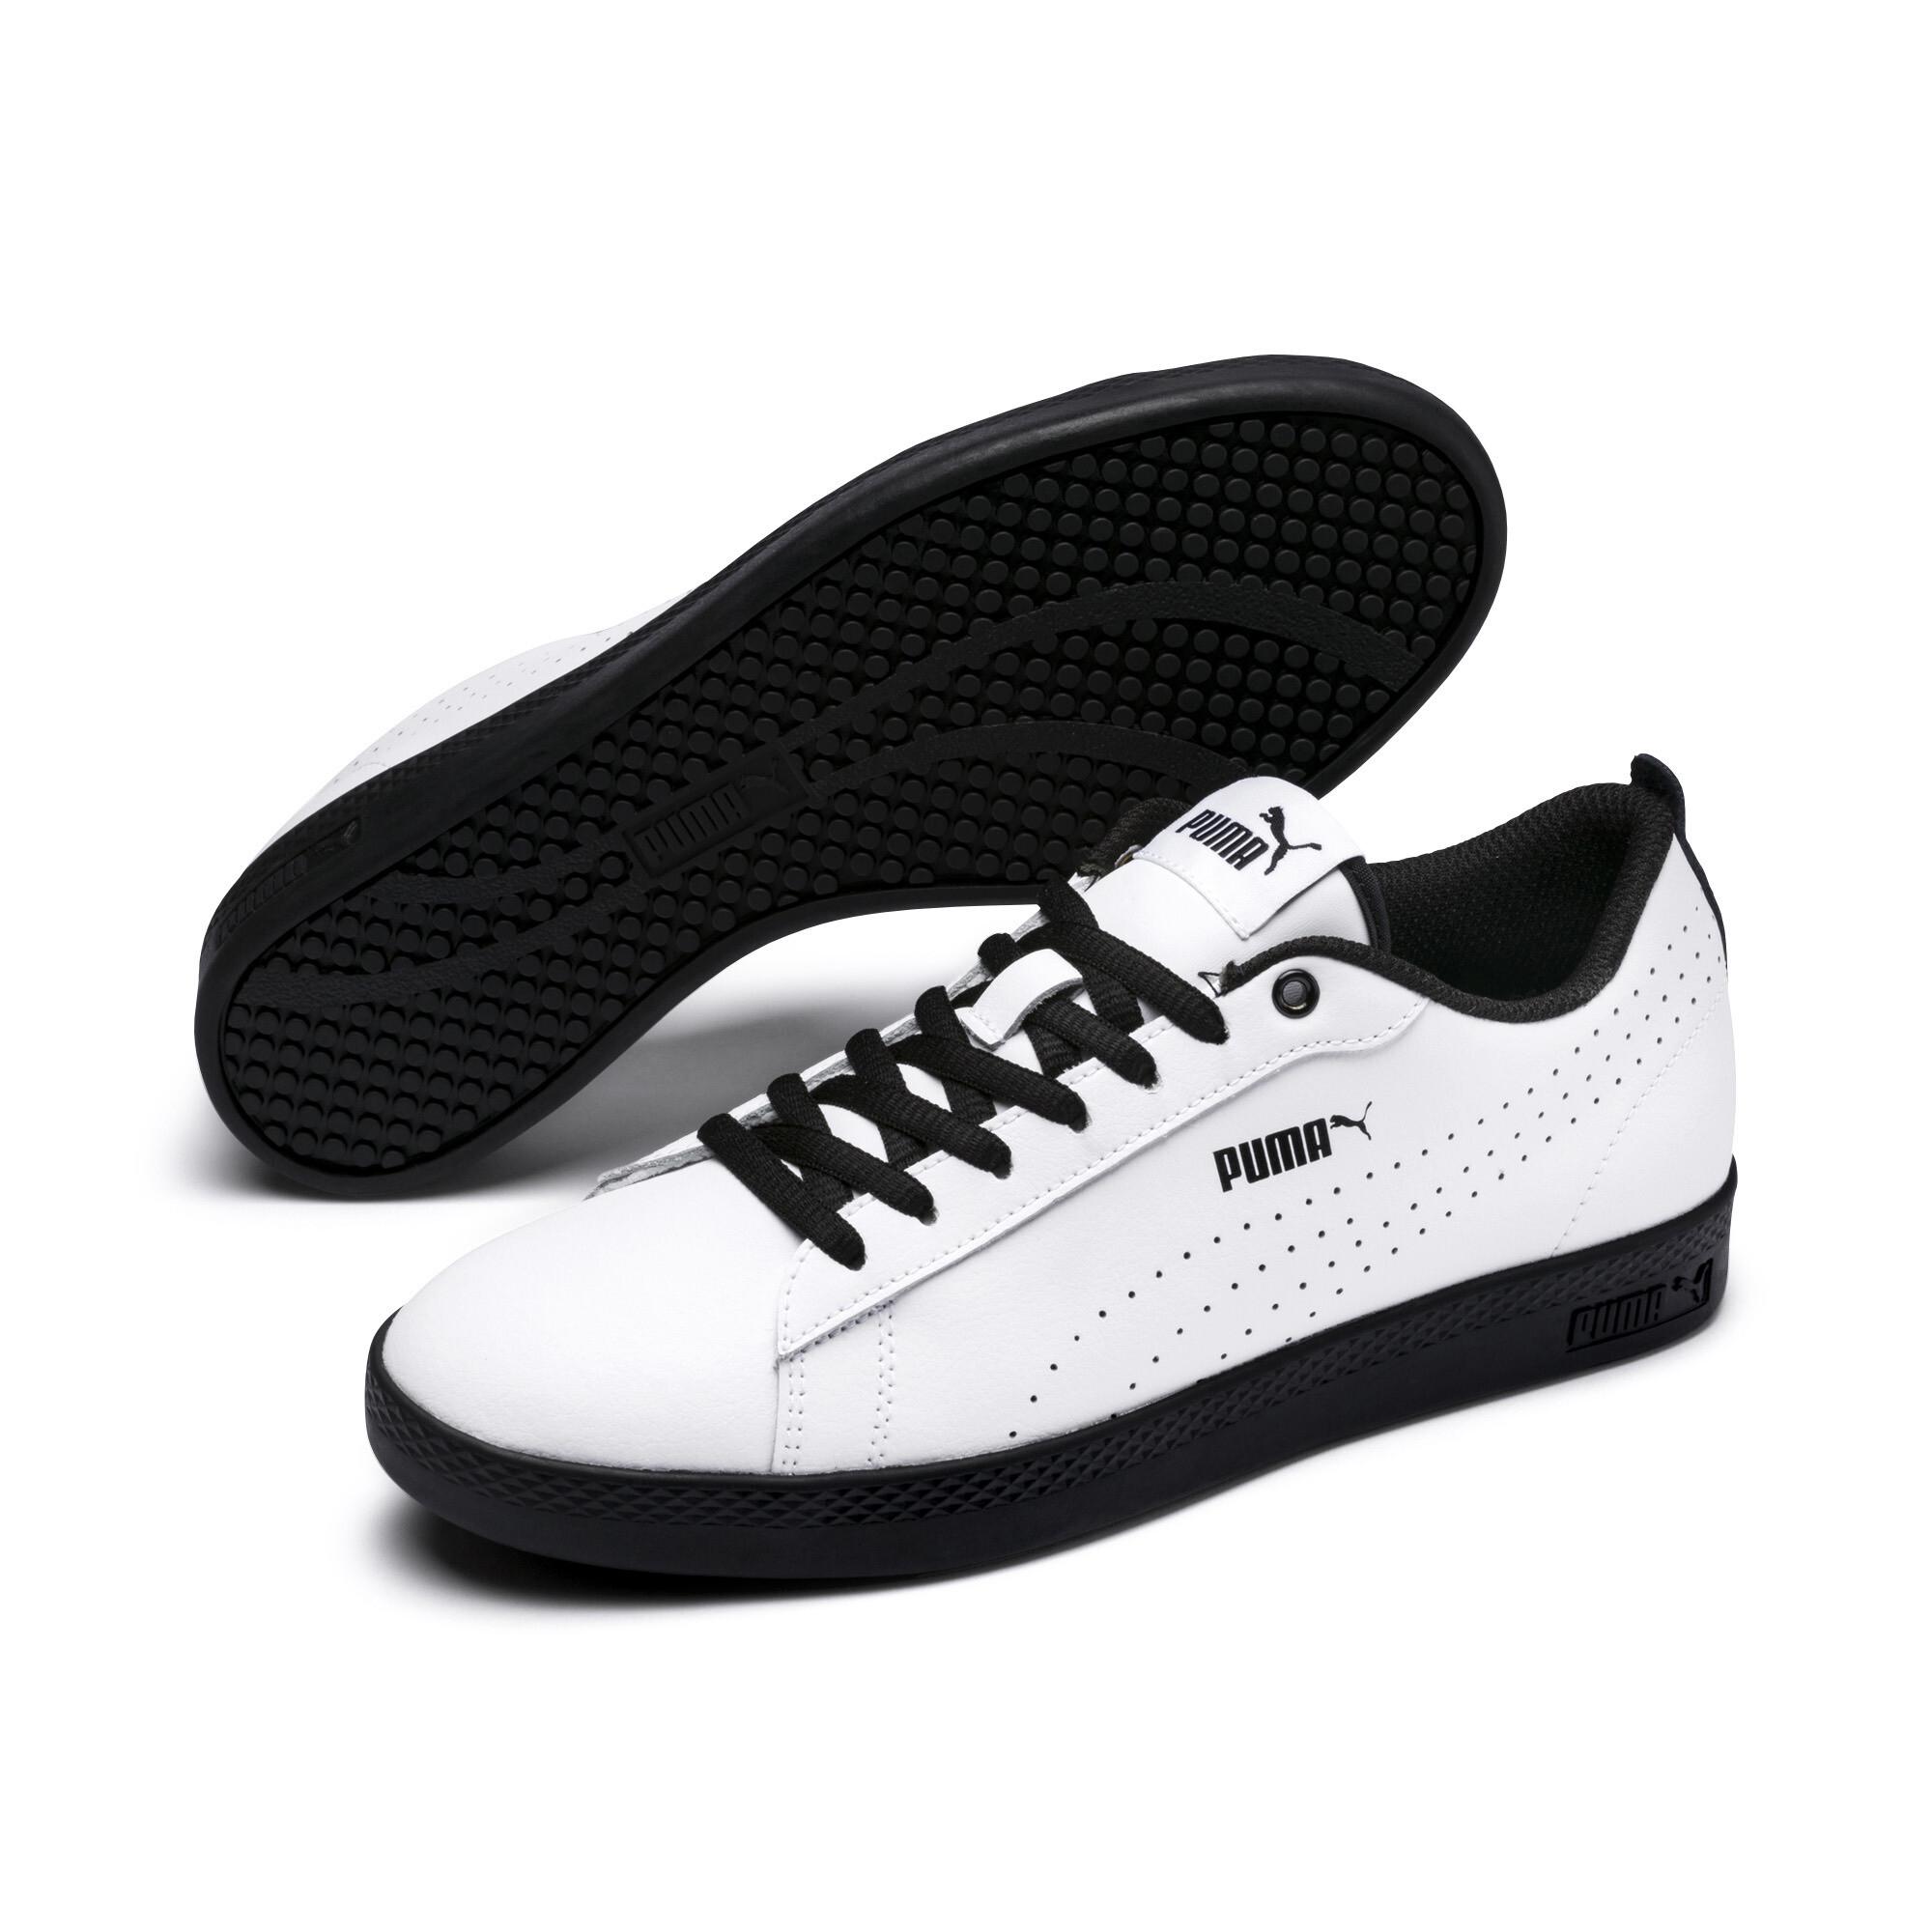 PUMA Smash Perf Leder Damen Sneaker Frauen Schuhe Basics Neu